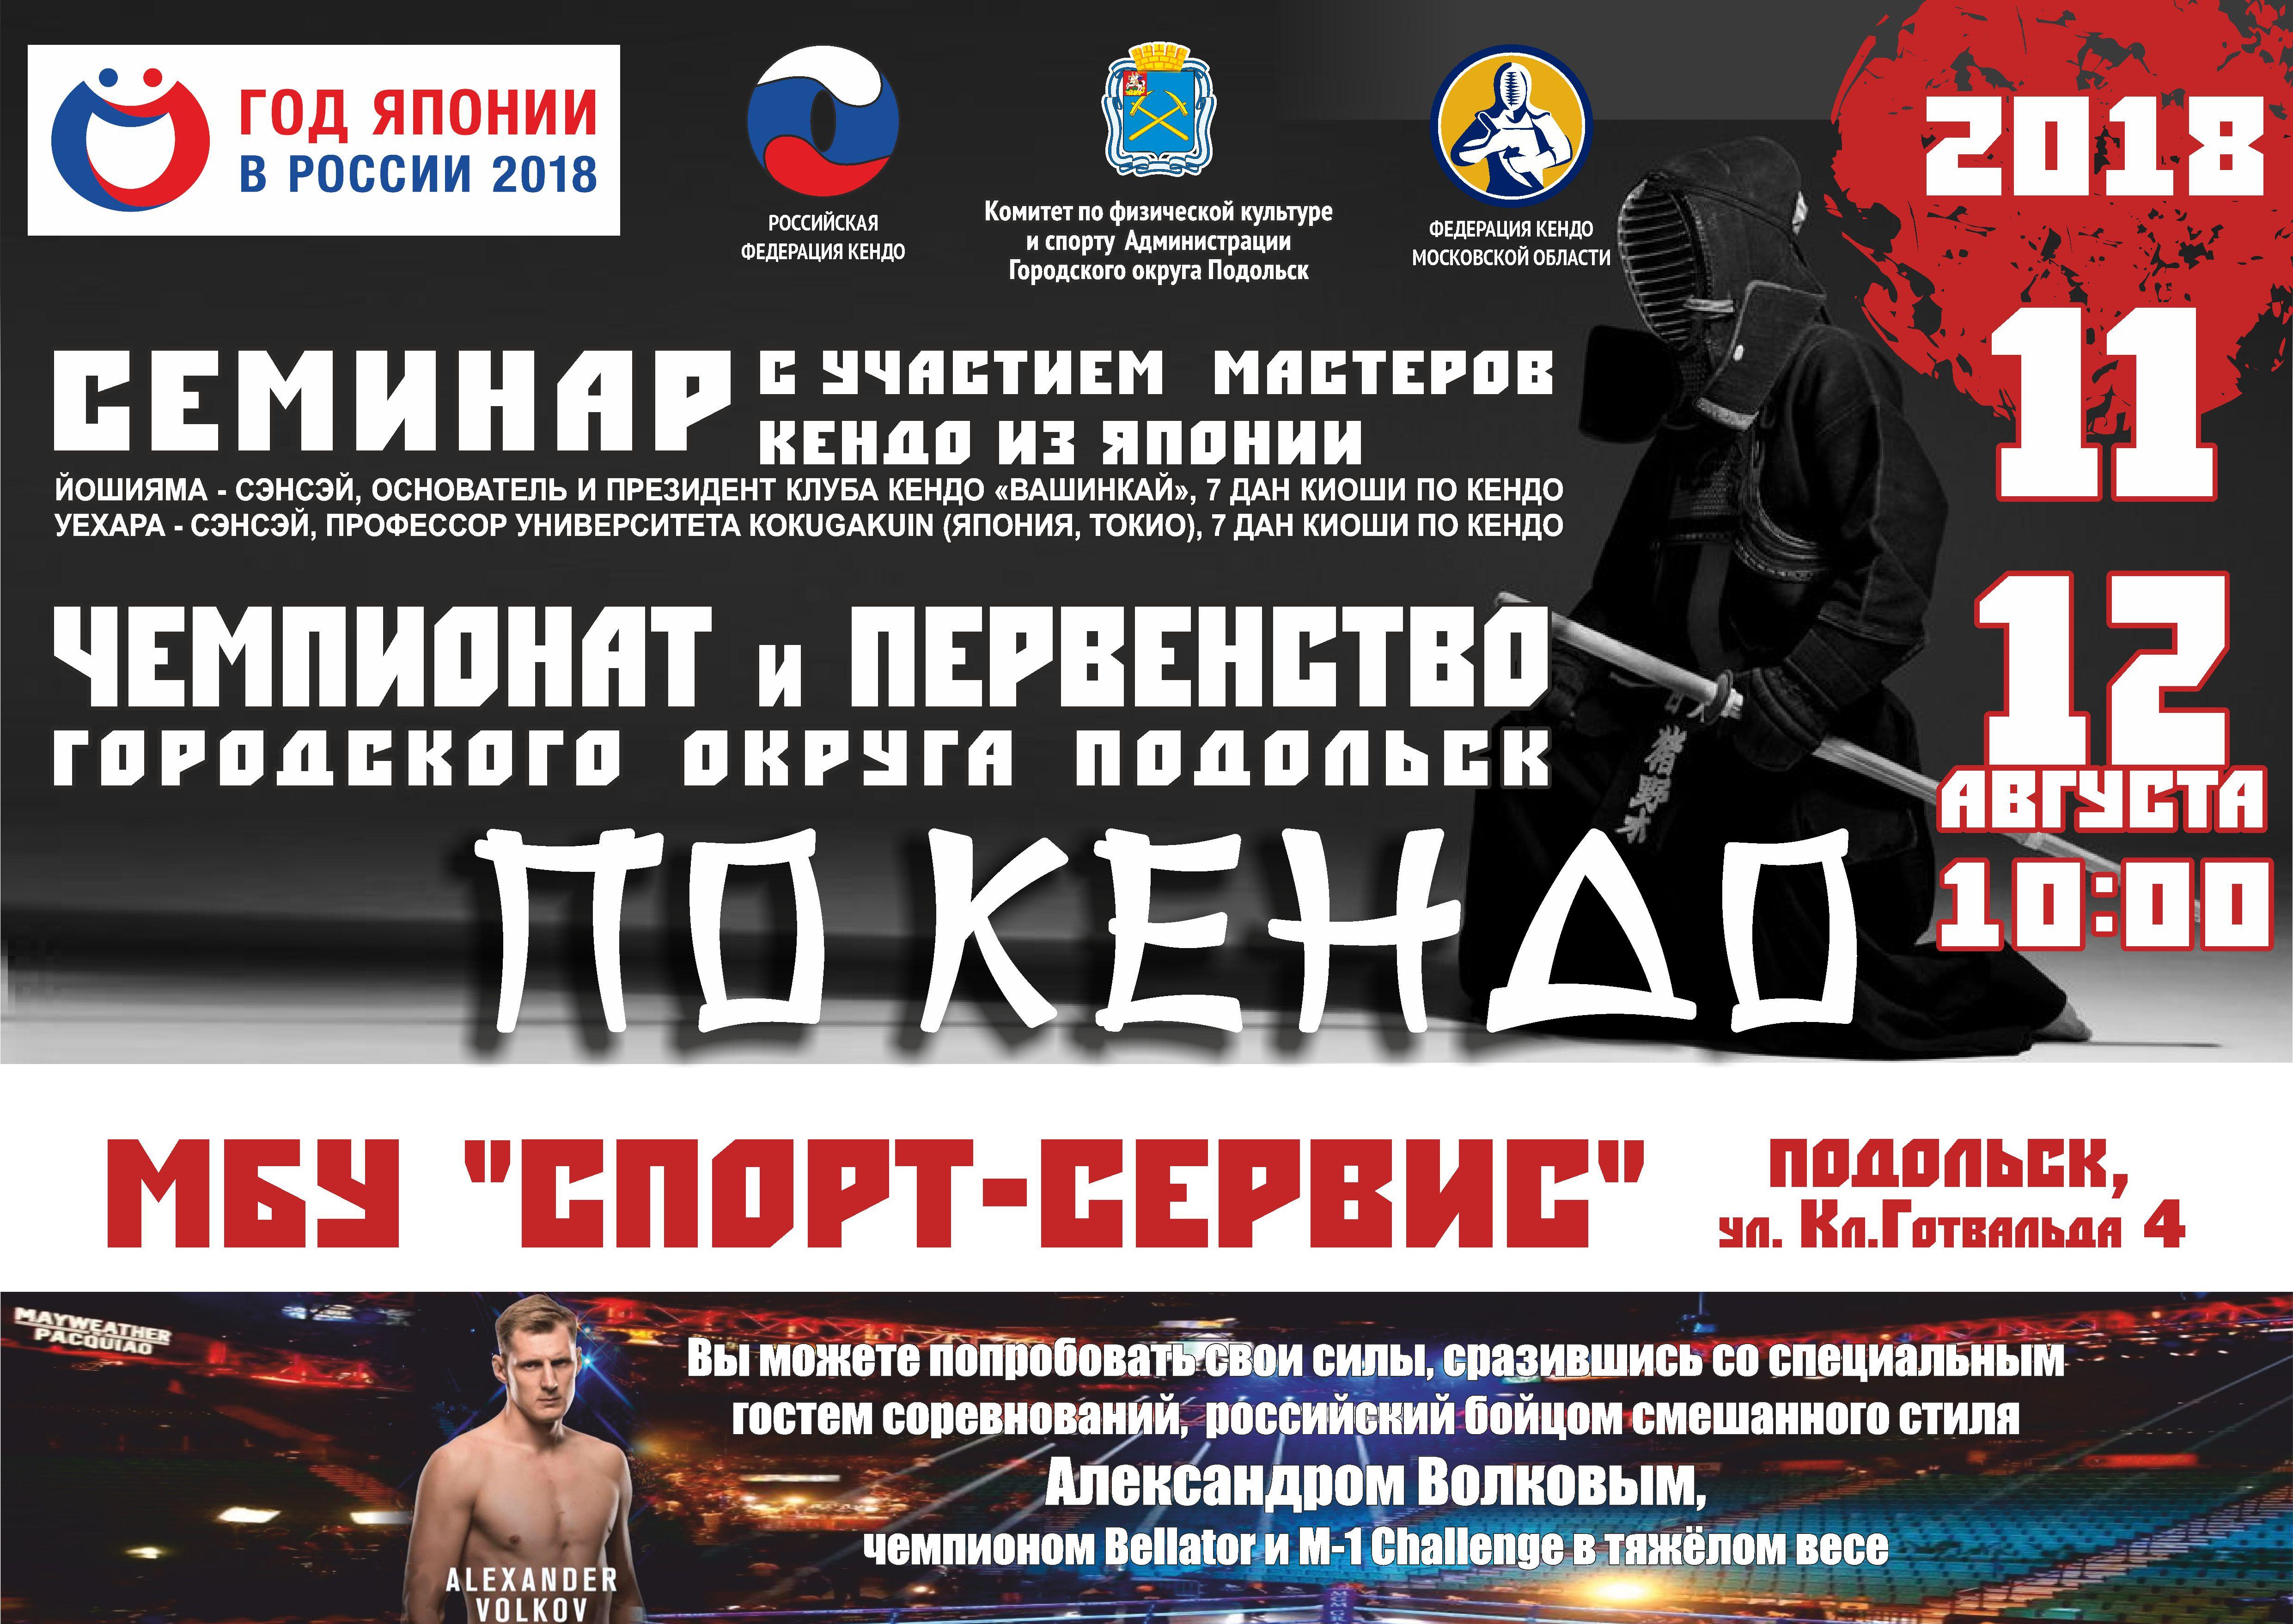 Семинар, Чемпионат и Первенство Подольск. Гость Александр Волков